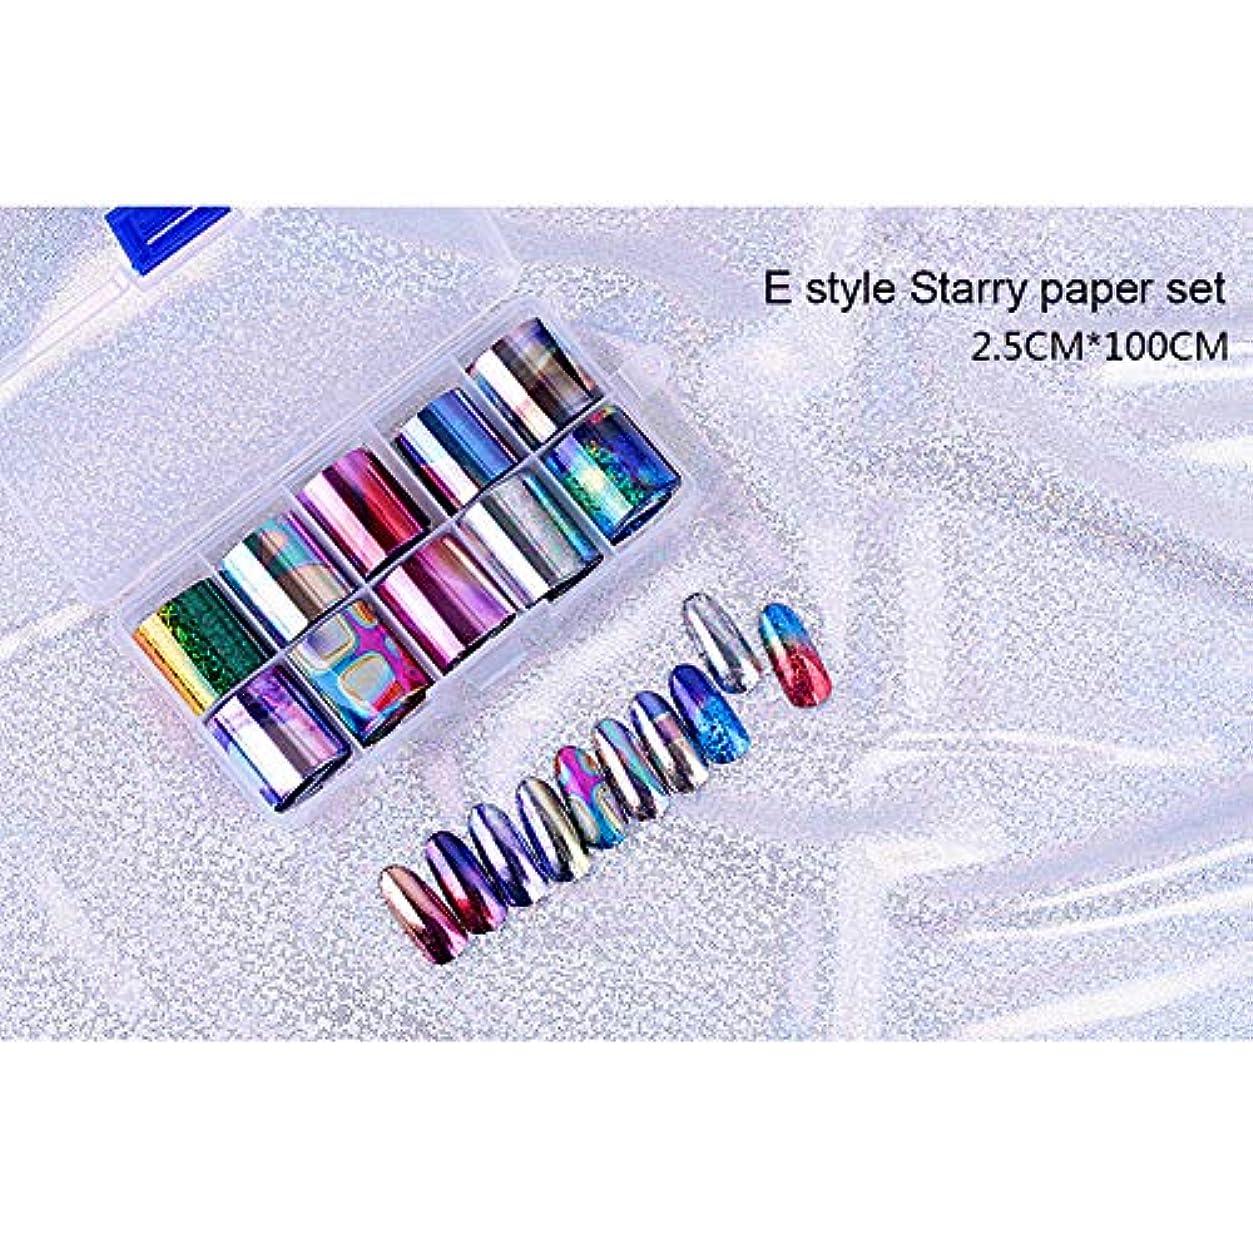 土地野ウサギサーフィンACHICOO ネイルアートステッカー 10個 ネイルアート チップネイル ステッカーデカール DIY アクセサリー E style star paper set